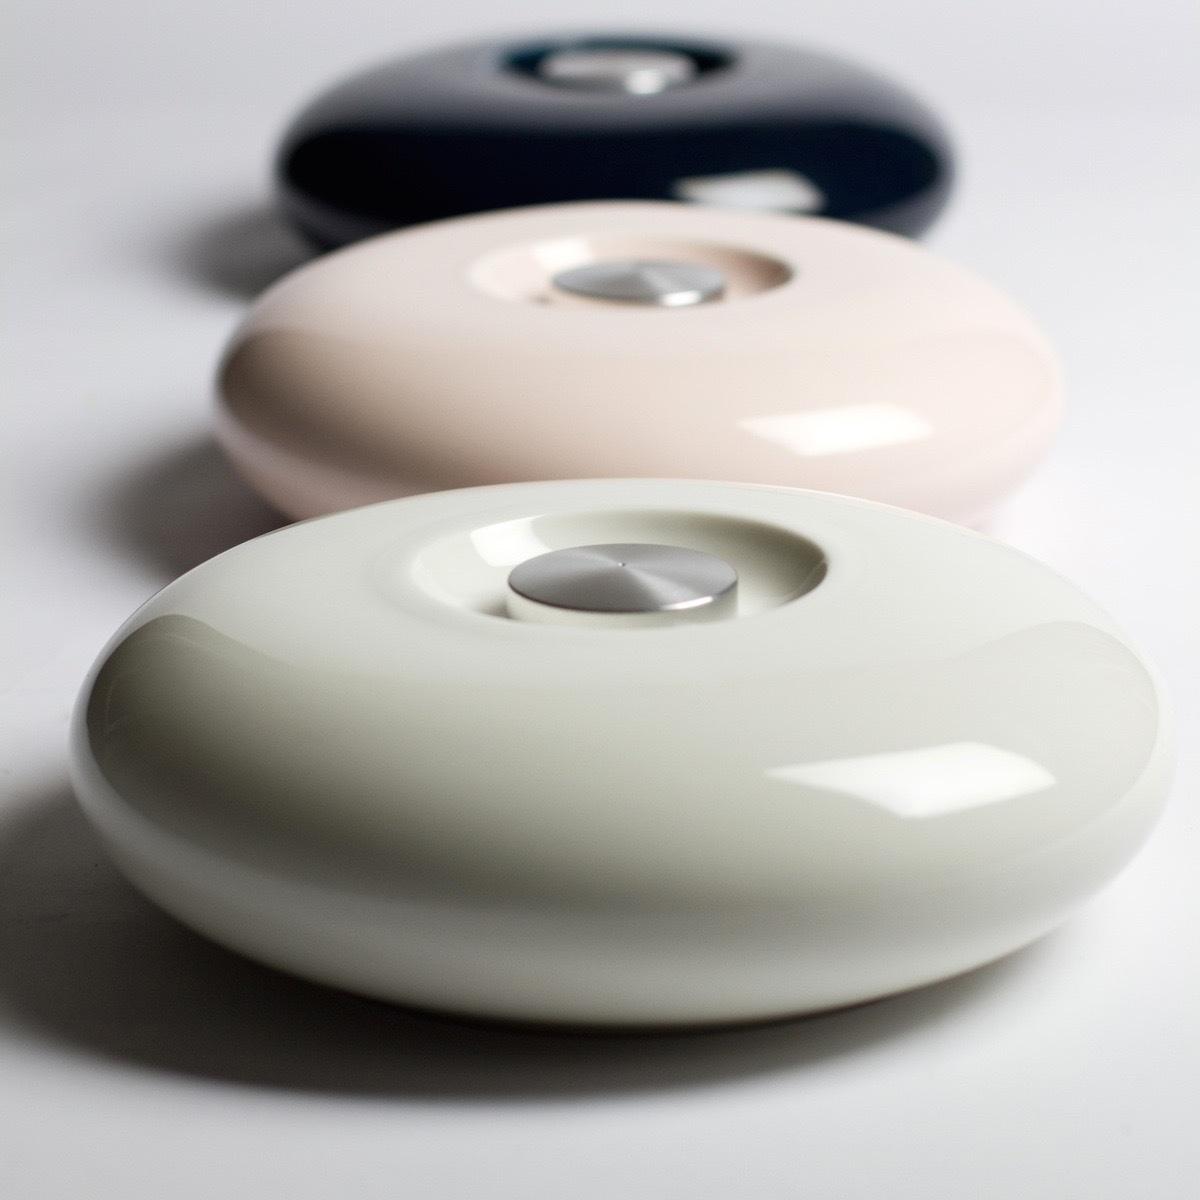 陶器の「湯たんぽ」|朝までぬくぬく温かい、翌日は電子レンジで再加熱